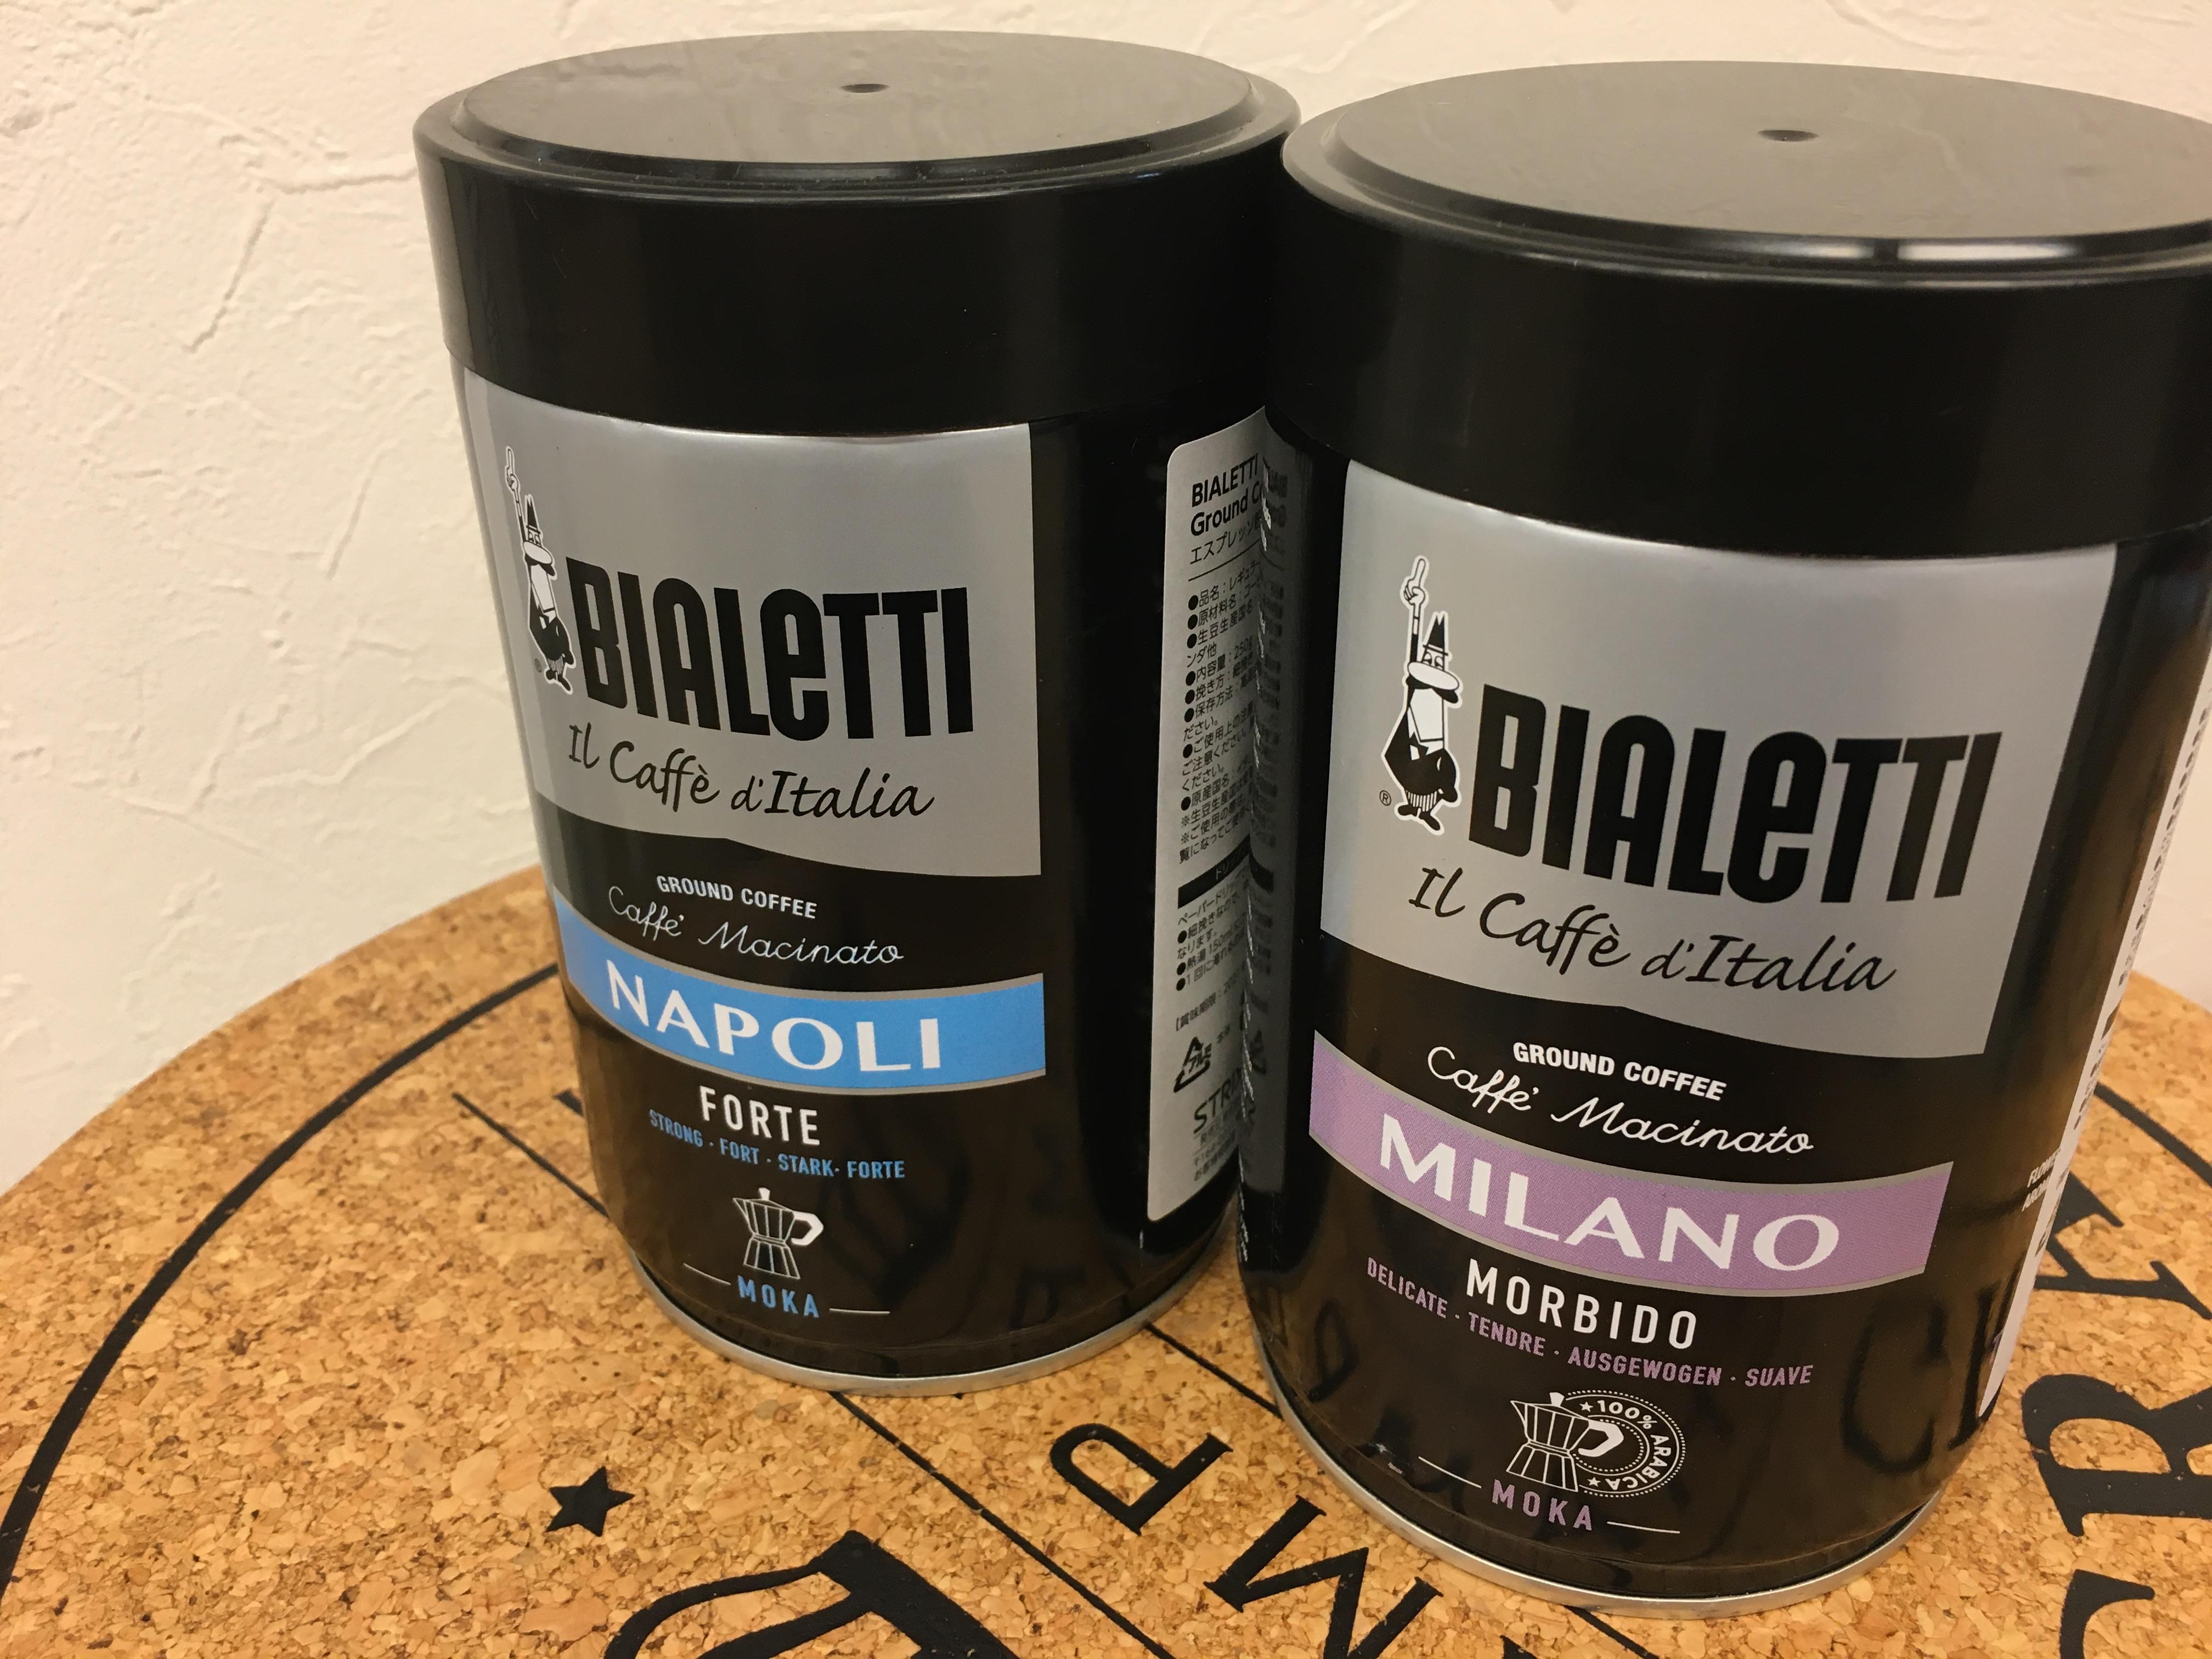 BIALETTI ビアレッティ 細挽きコーヒーNAPOLI & MILANO飲み比べ!